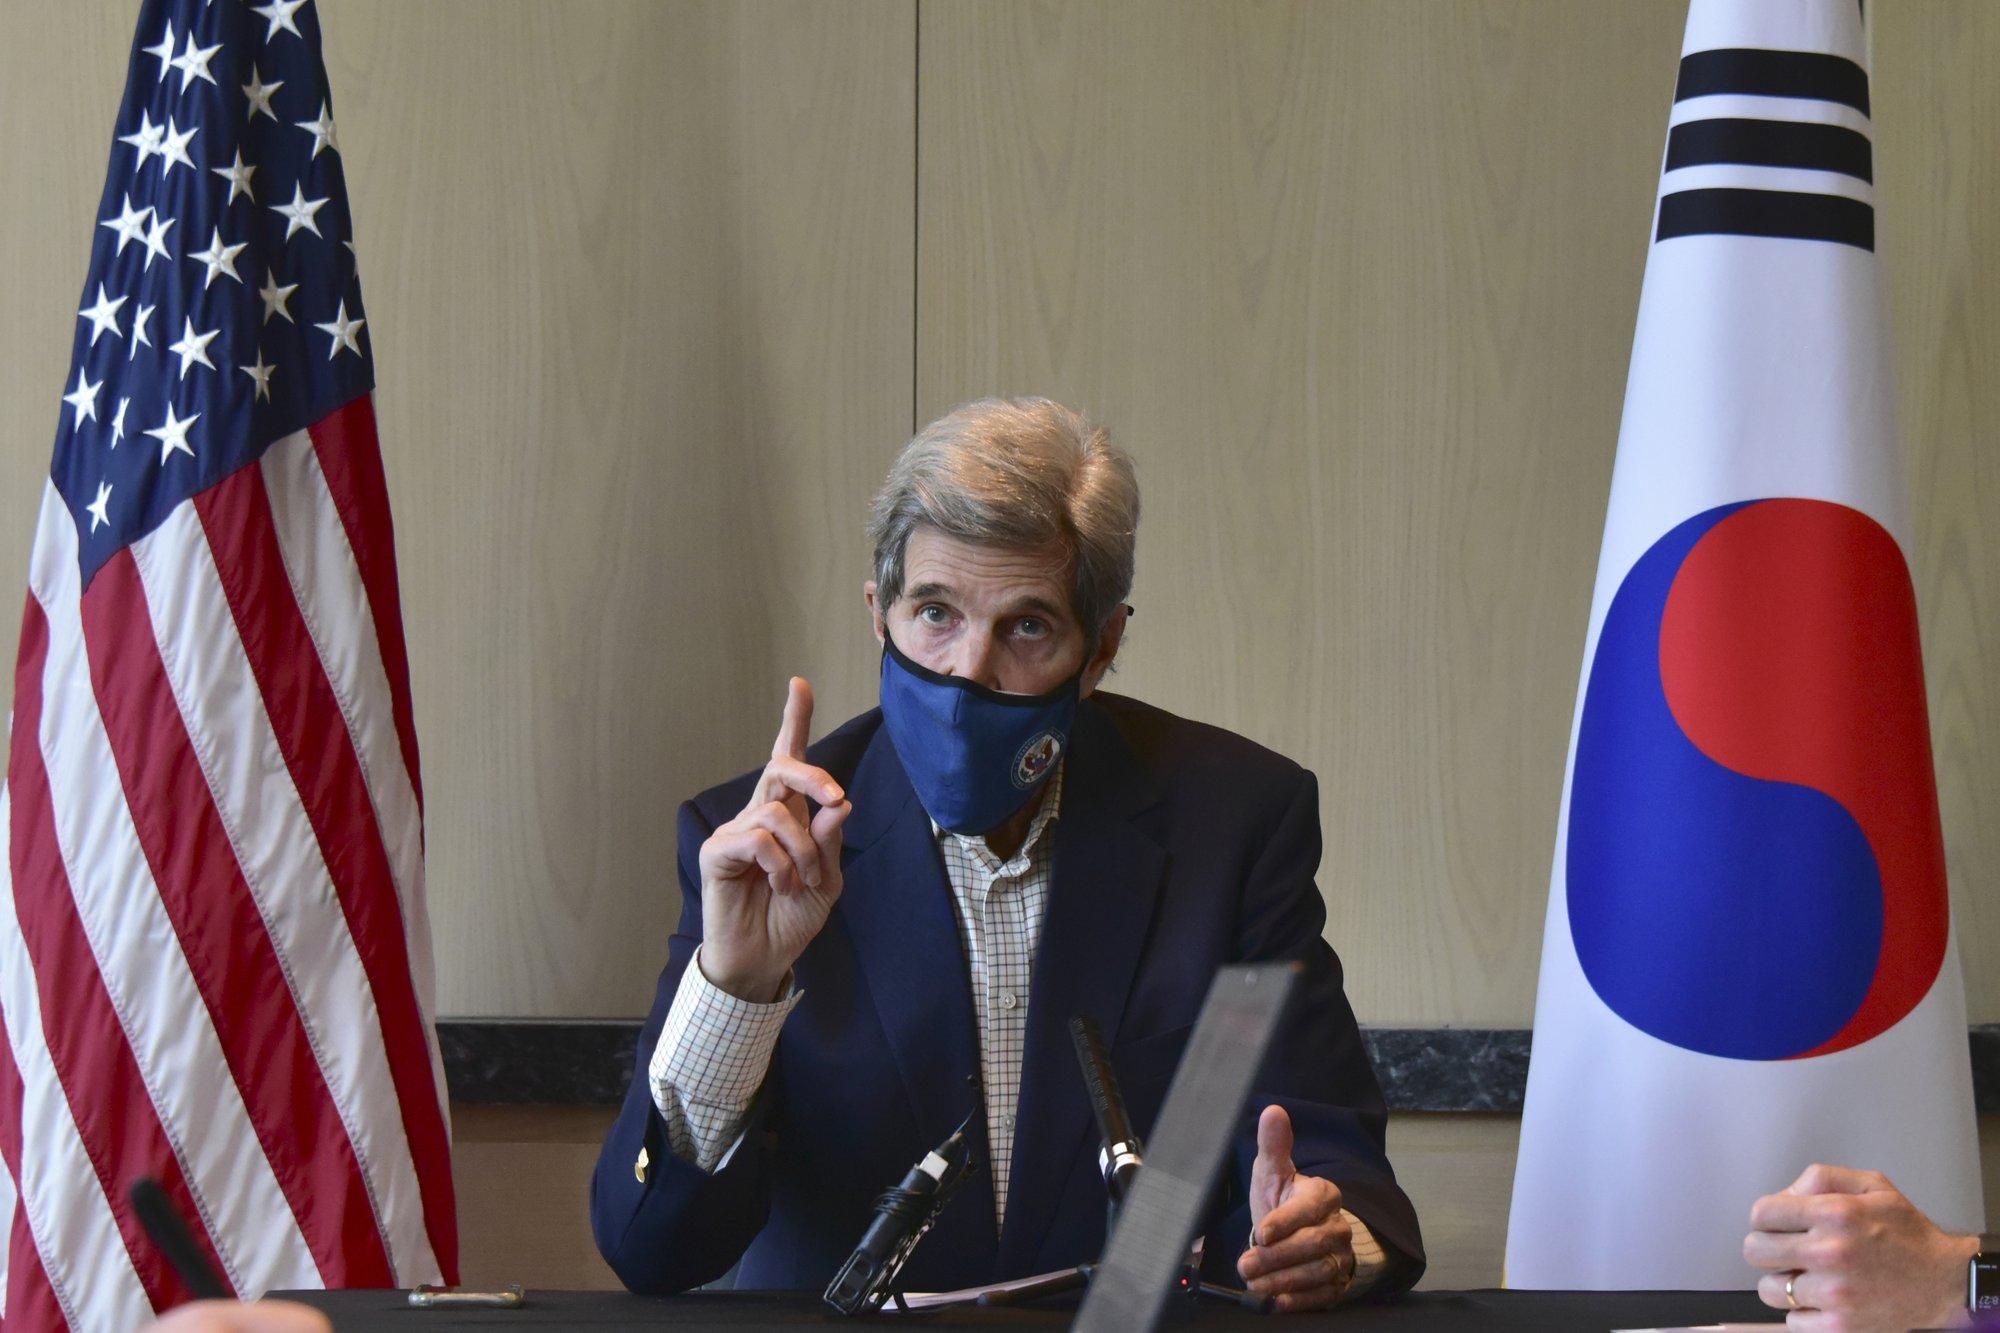 EE.UU. y China comprometidos a cooperar seriamente con la crisis climática